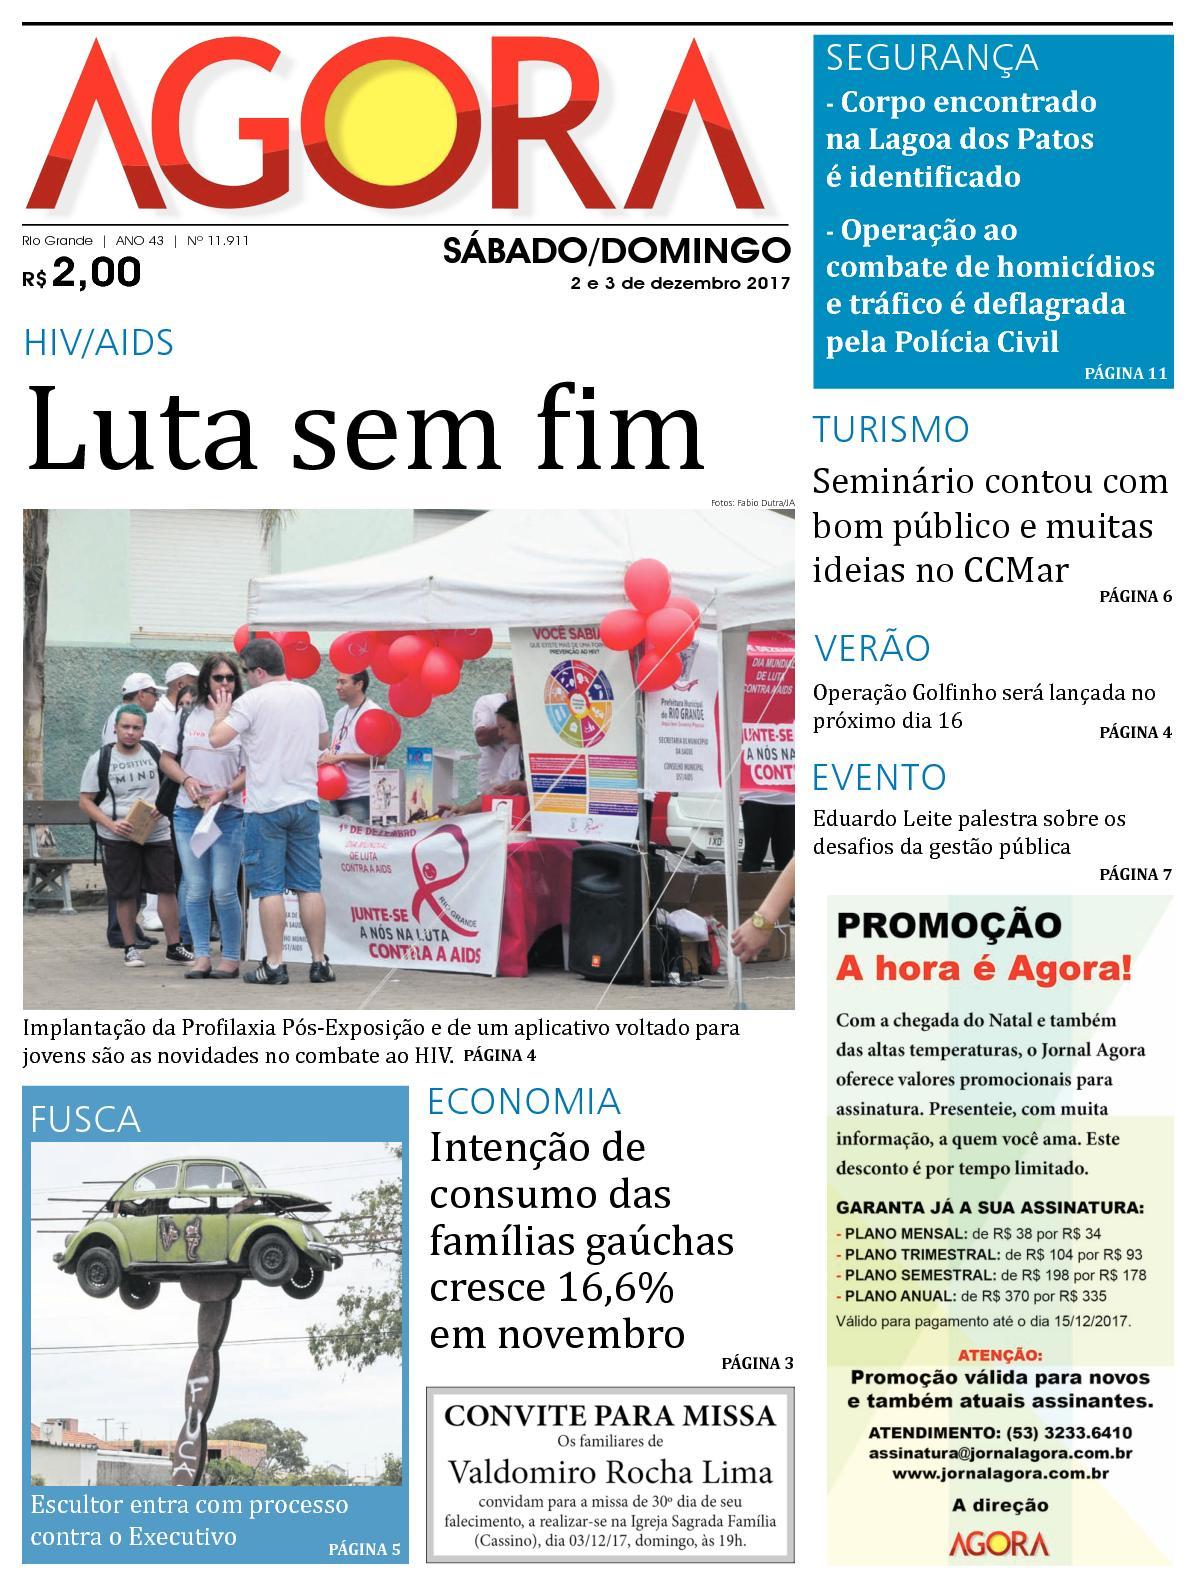 400c514e1 Calaméo - Jornal Agora - Edição 11911 - 2 e 3 de Dezembro de 2017